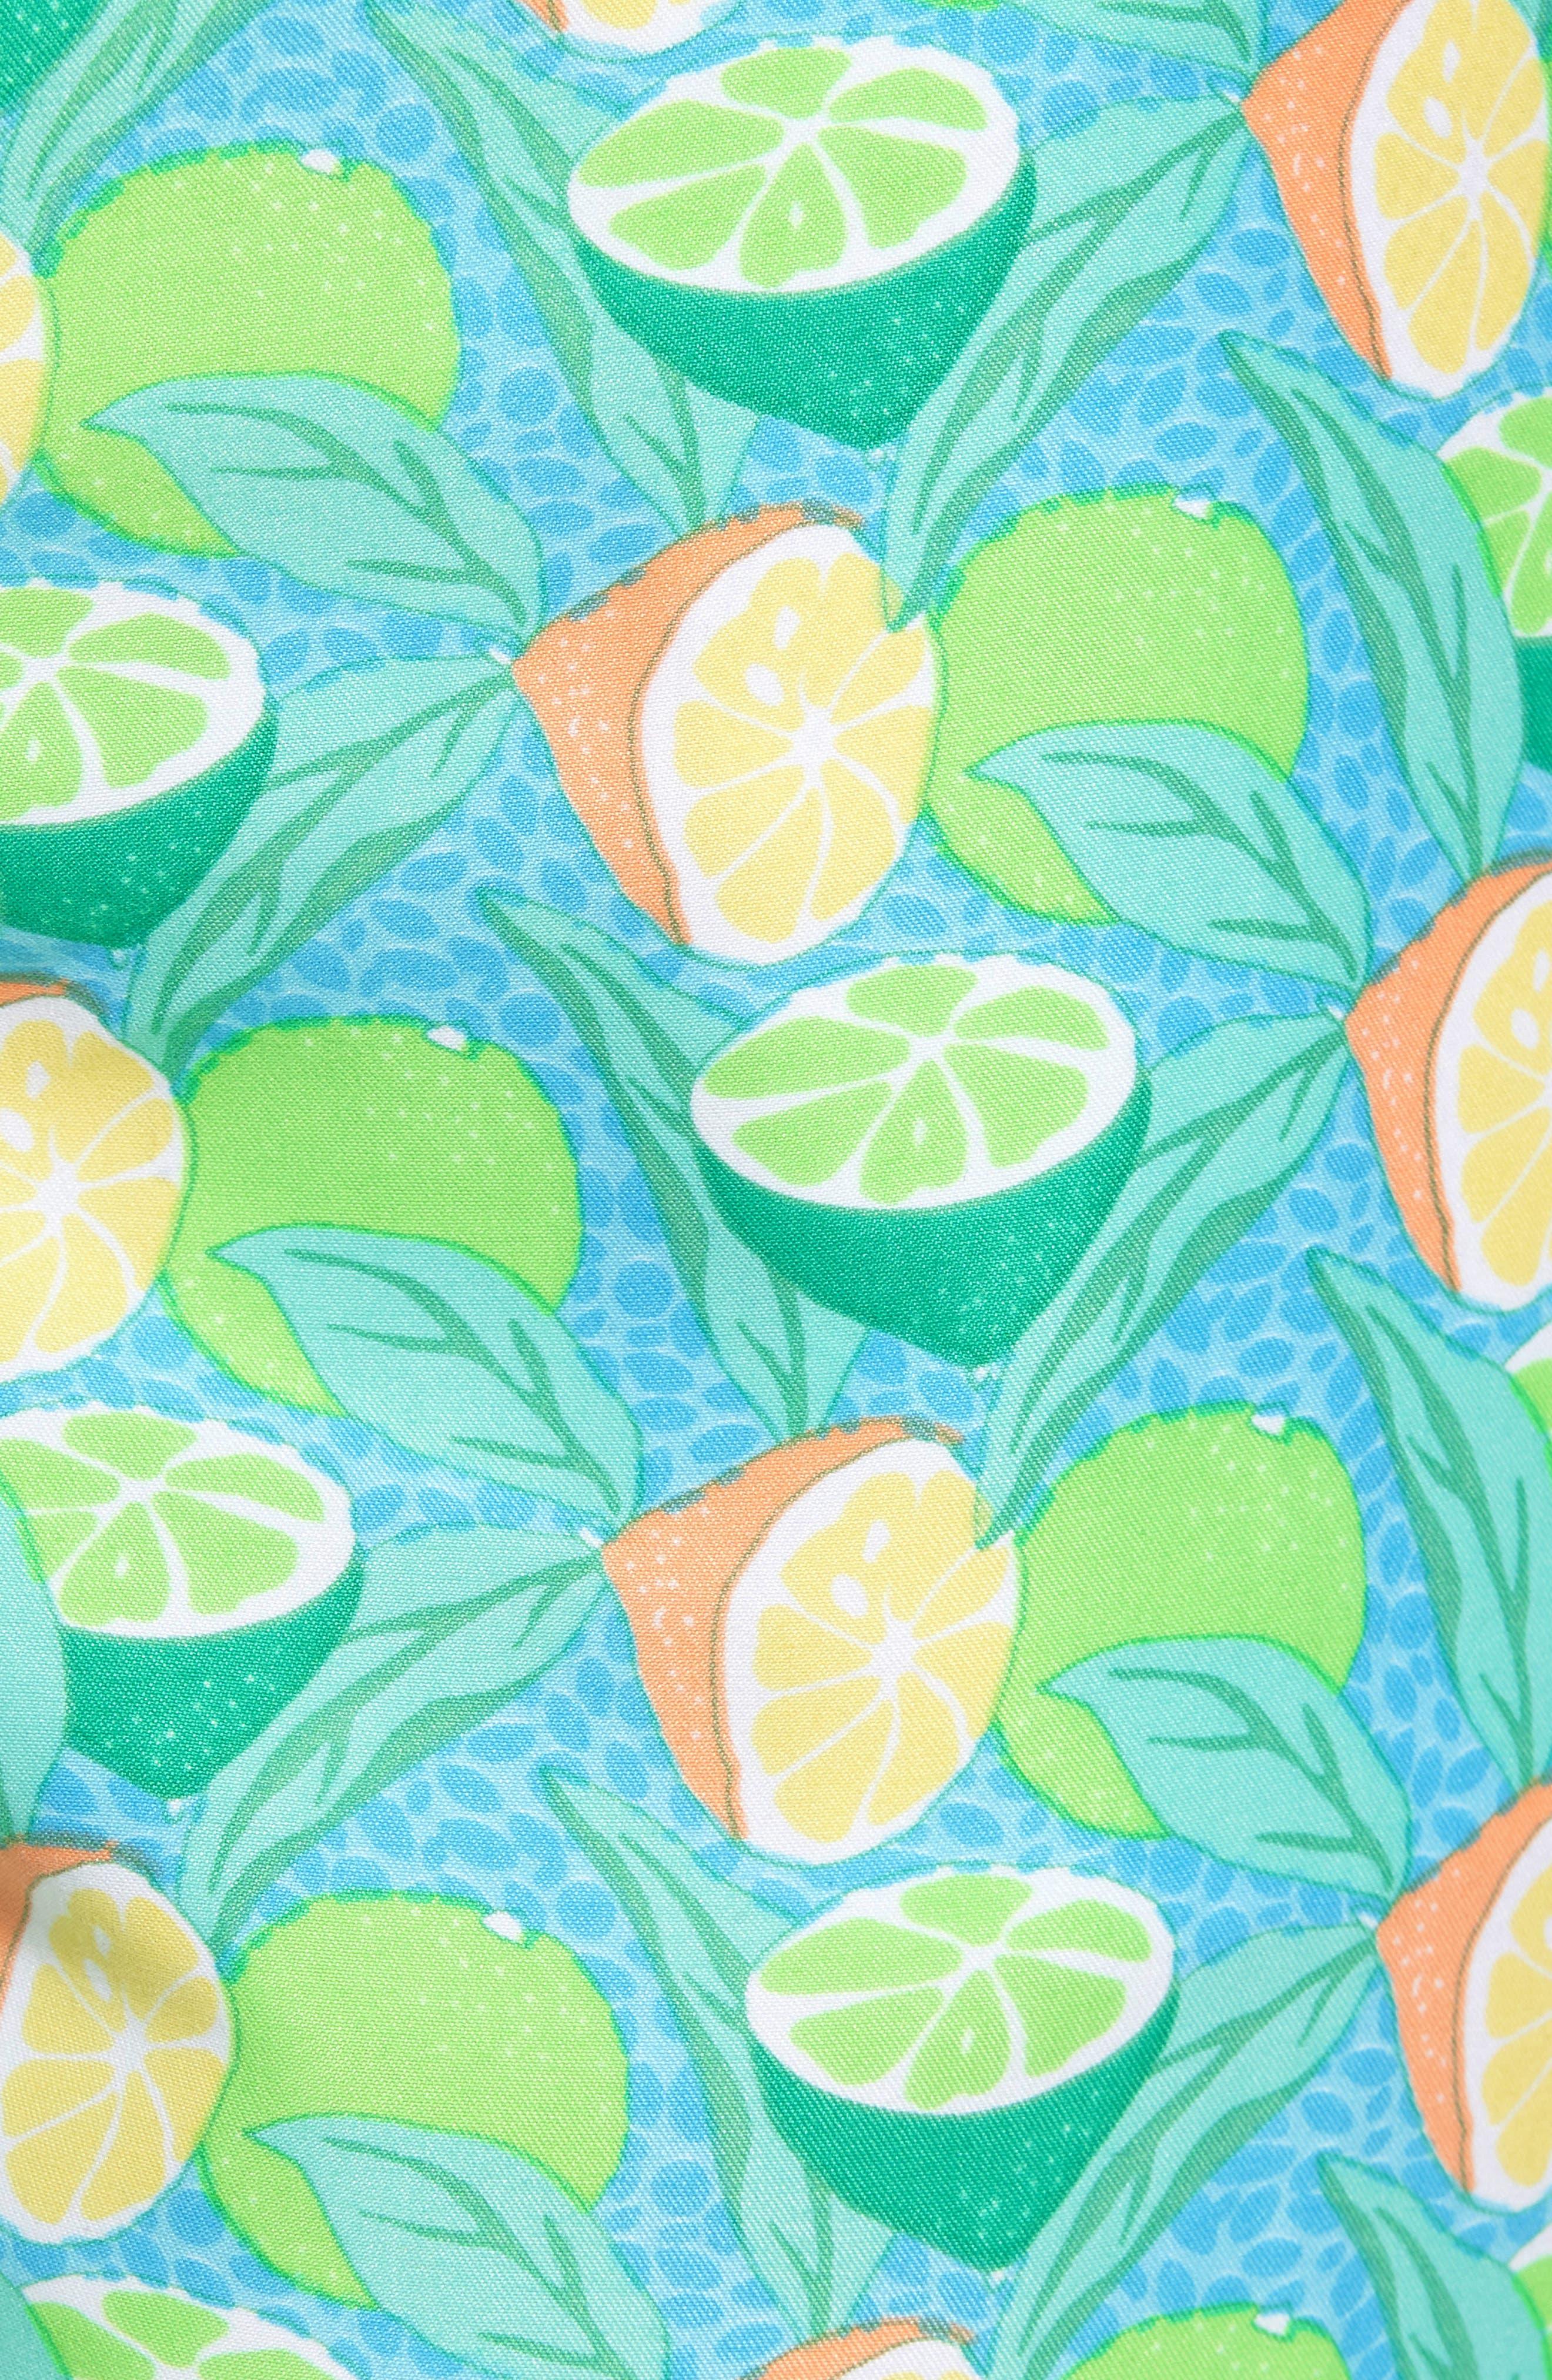 Sour Lemons Swim Trunks,                             Alternate thumbnail 5, color,                             327